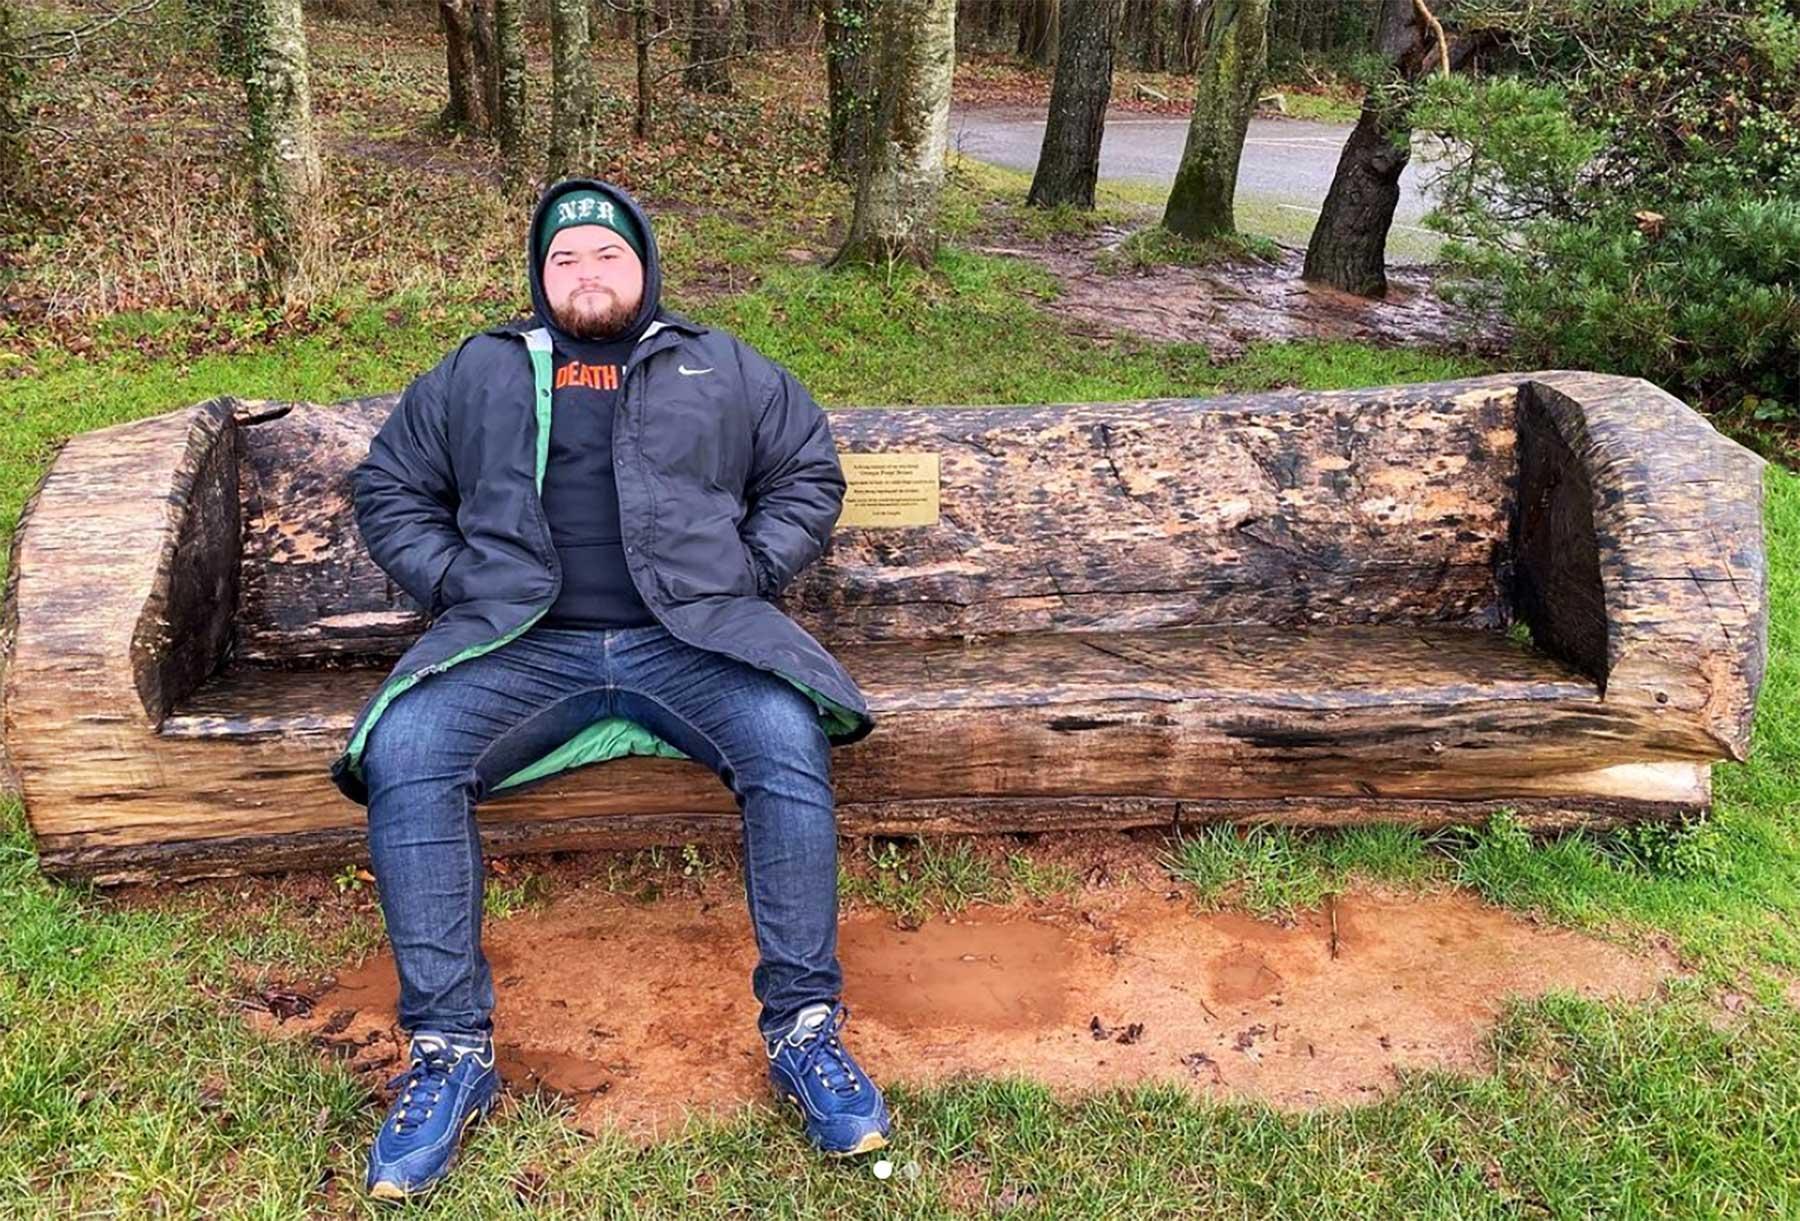 Samuel Wilmot bewertet alle Bänke, auf denen er sitzen kann